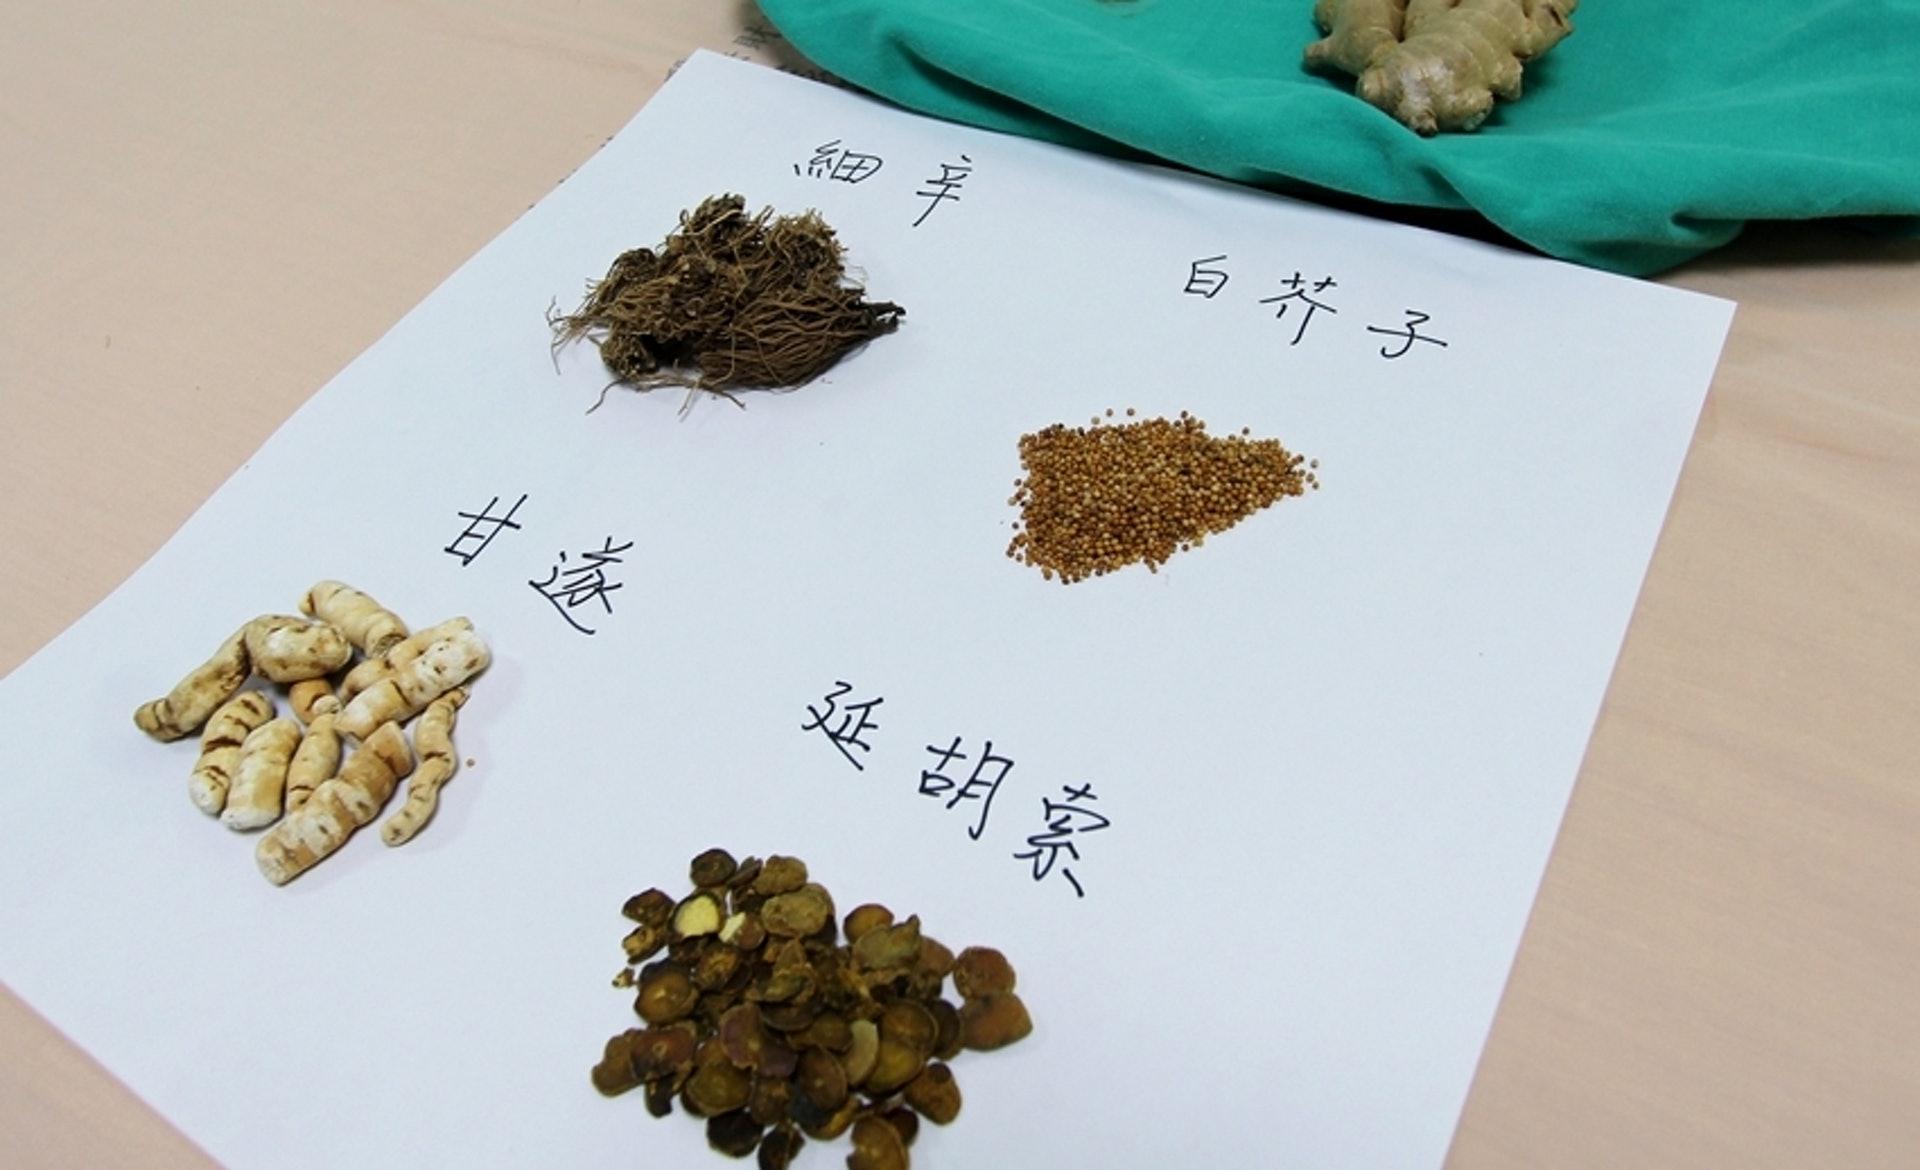 天灸常用的中藥包括白芥子、細辛、甘遂、延胡索等。(圖片:health.tvbs)